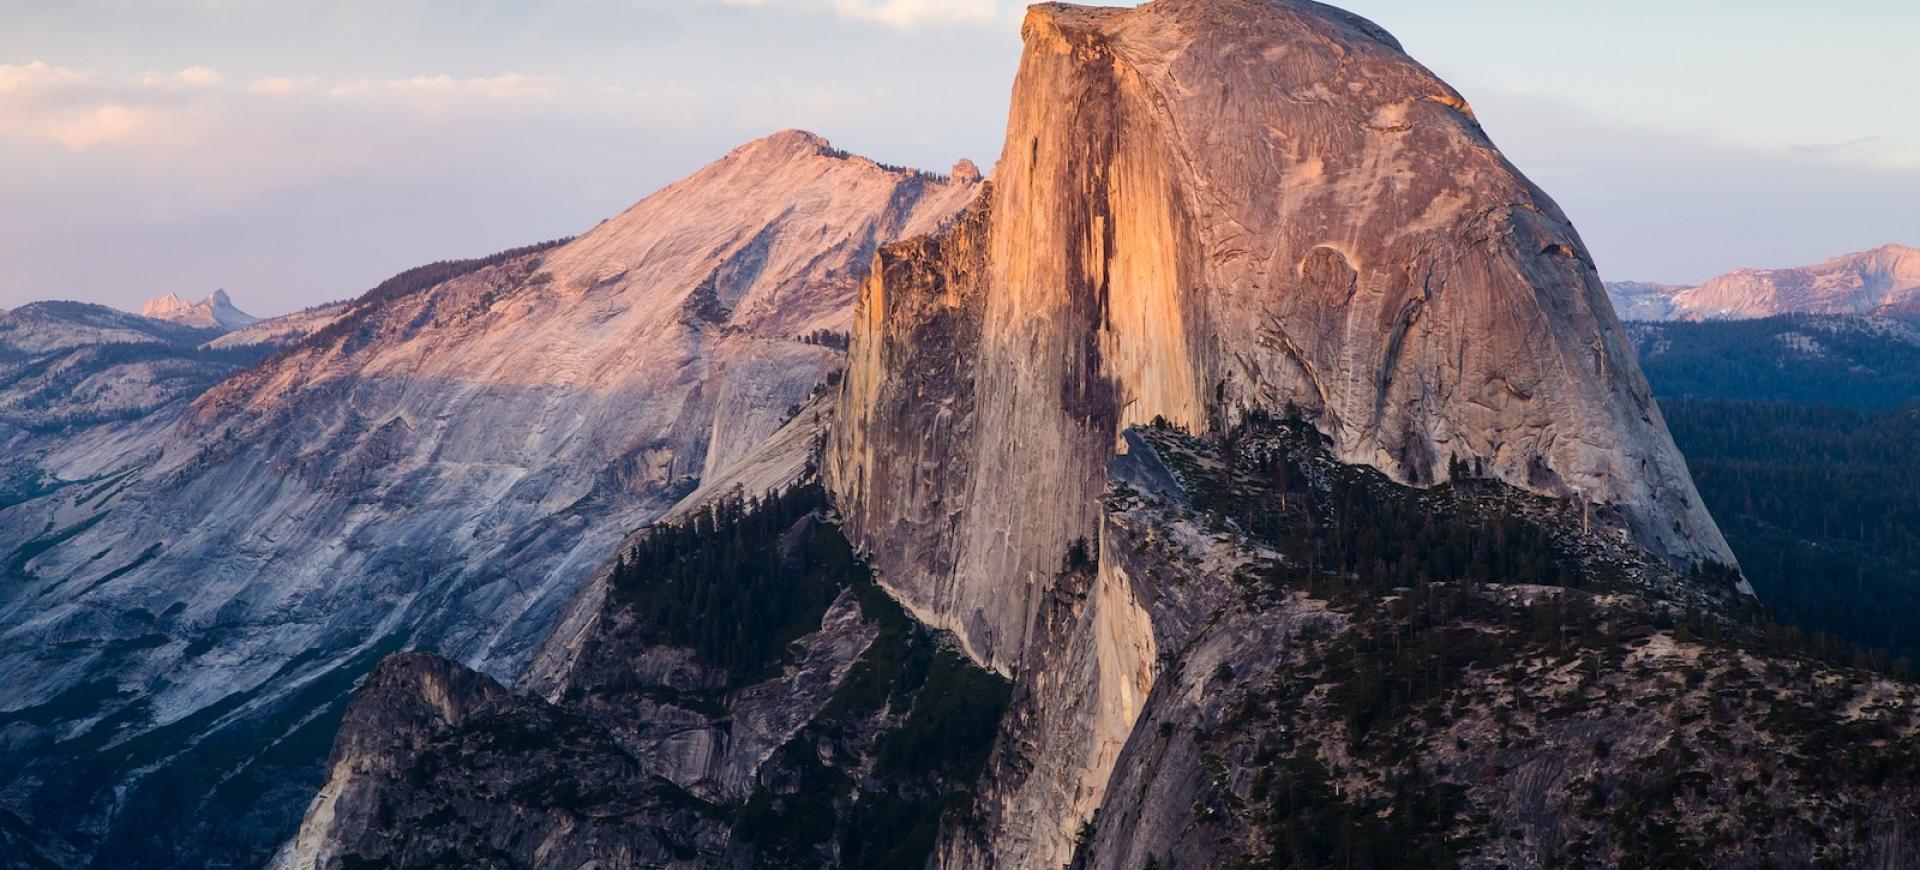 yosemite kalifornia wycieczka